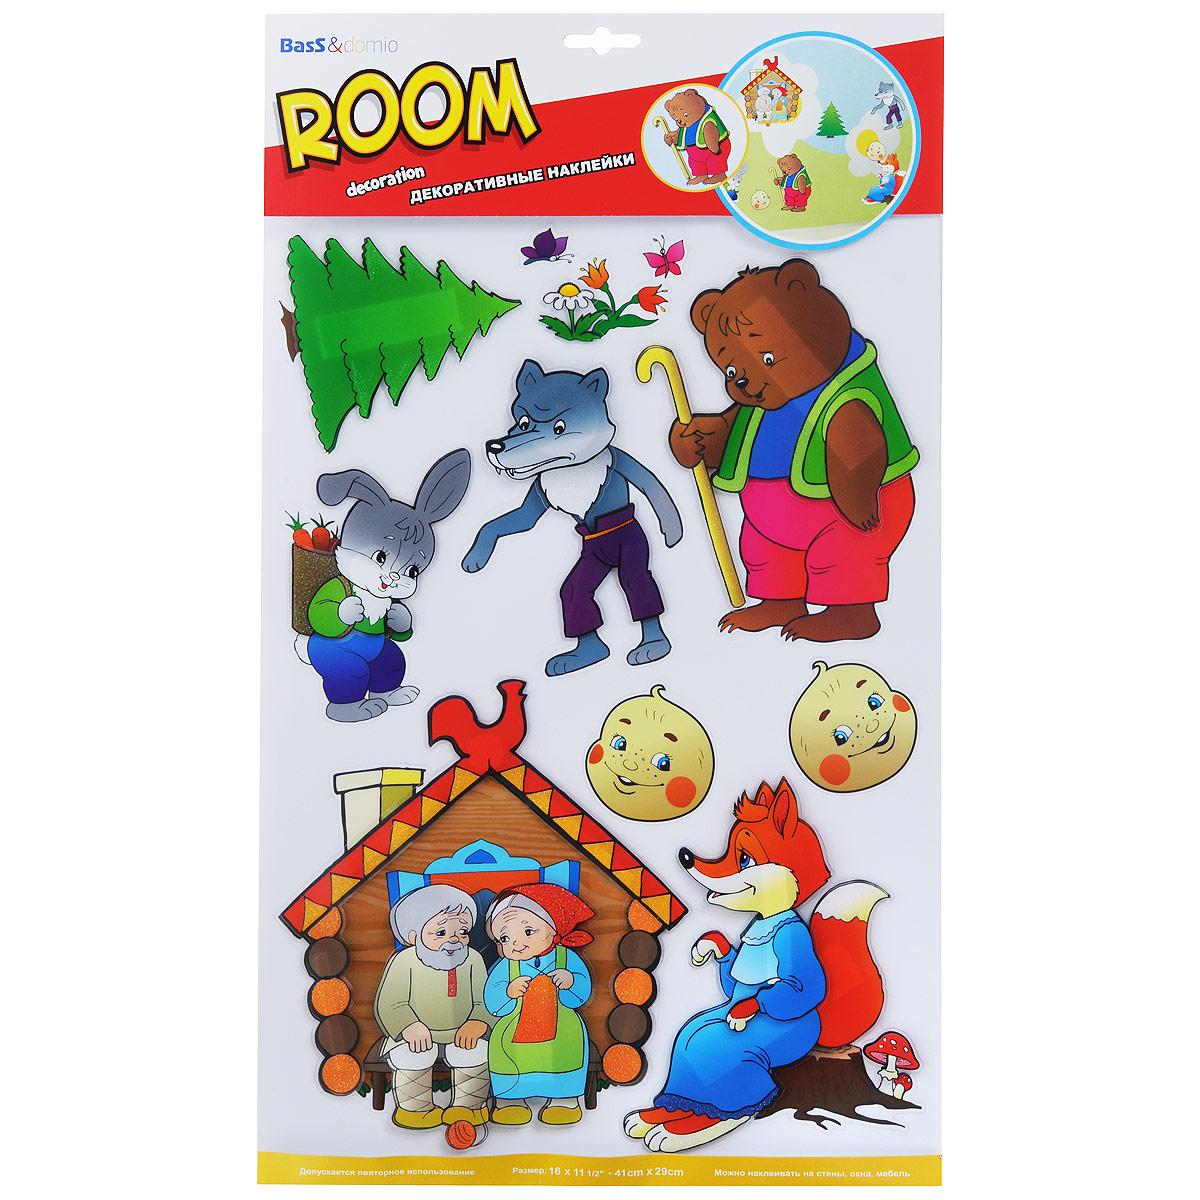 Наклейки для интерьера Room Decoration Колобок, объемные, 41 х 29 см наклейки для интерьера room decoration кокетка со стразами 50 х 32 см